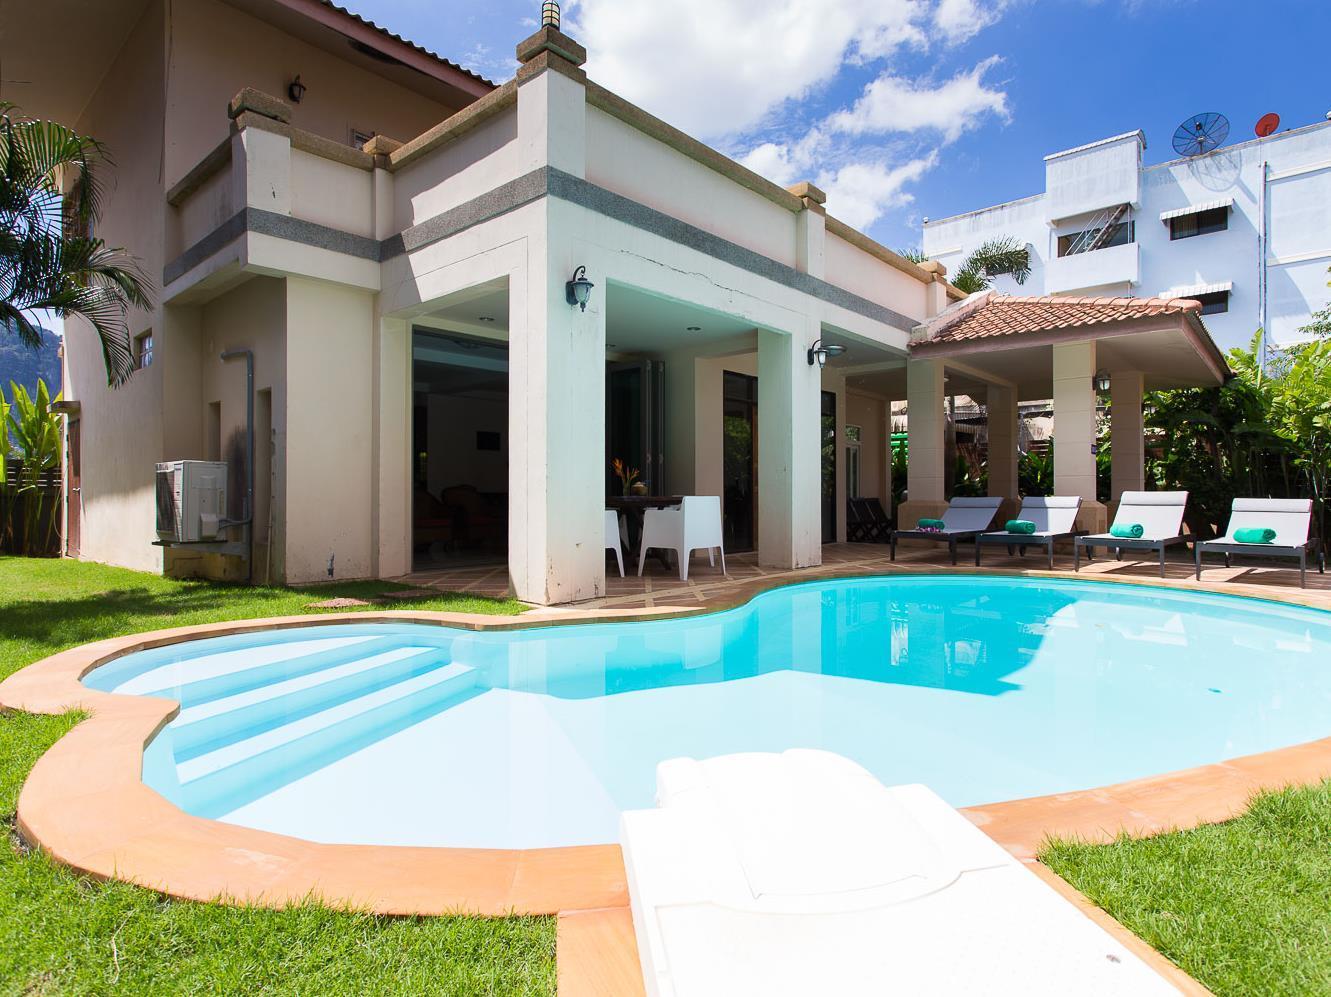 baan andaman private pool villa